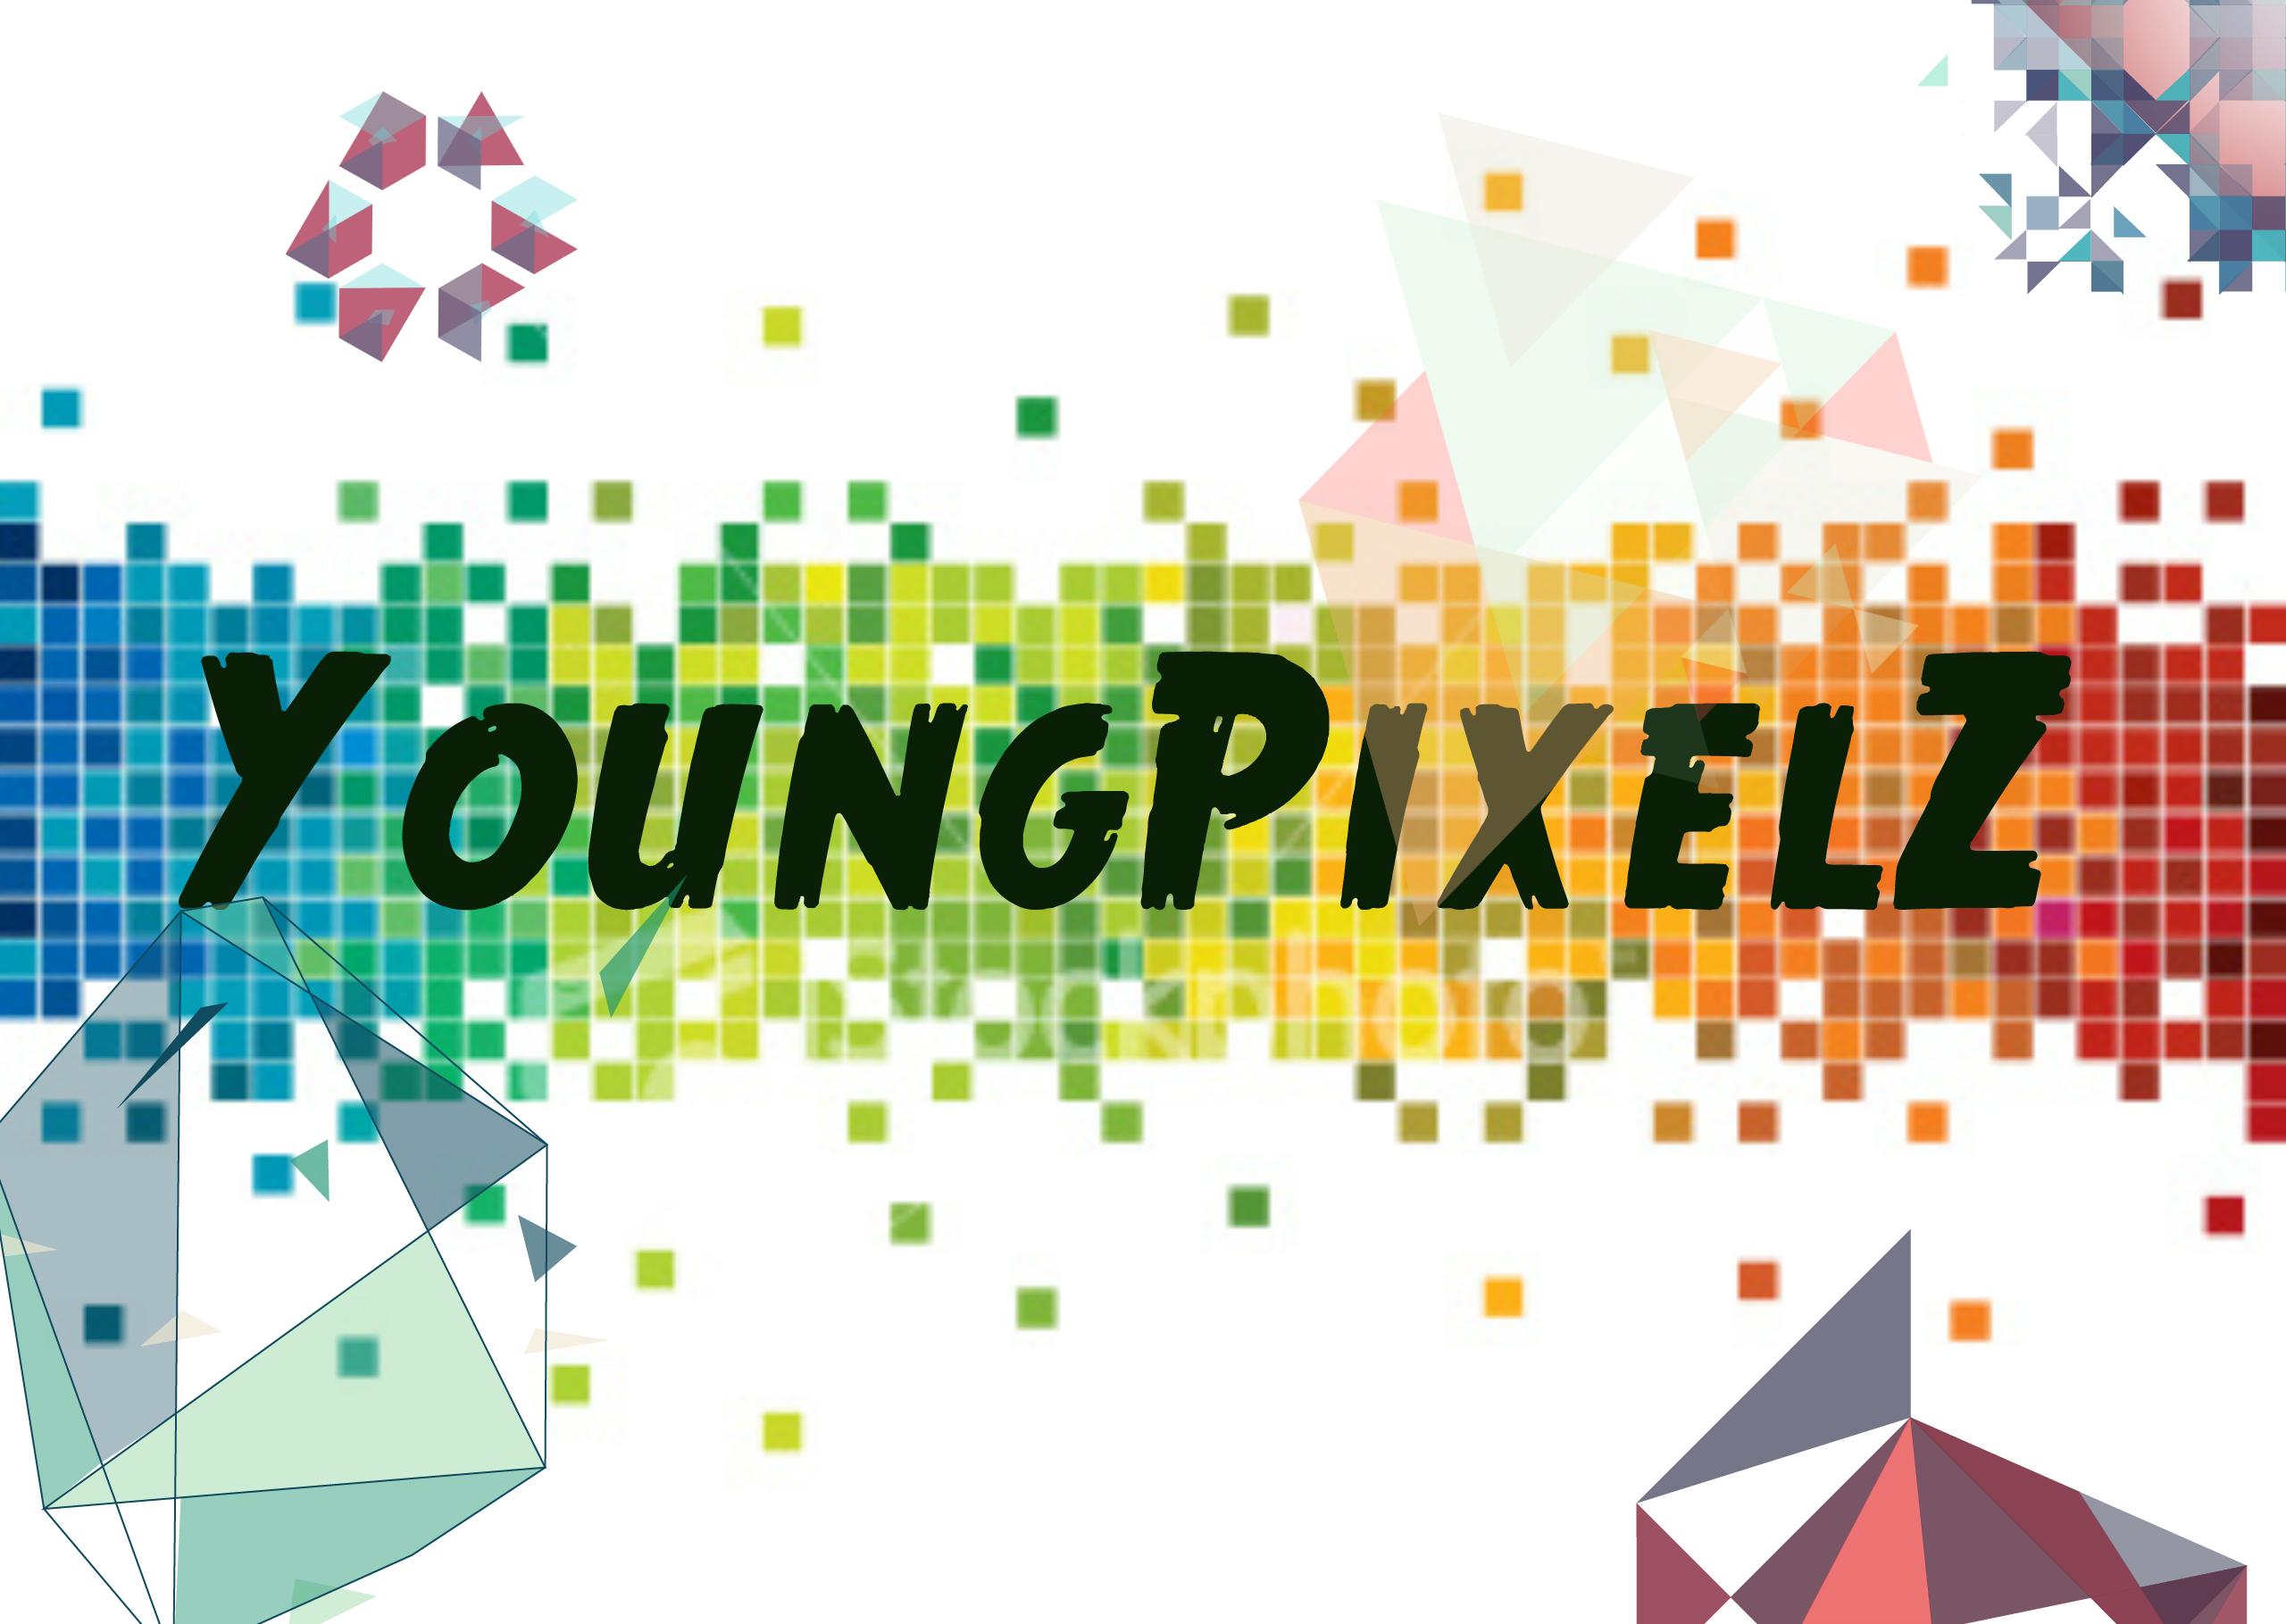 YoungPixelZ